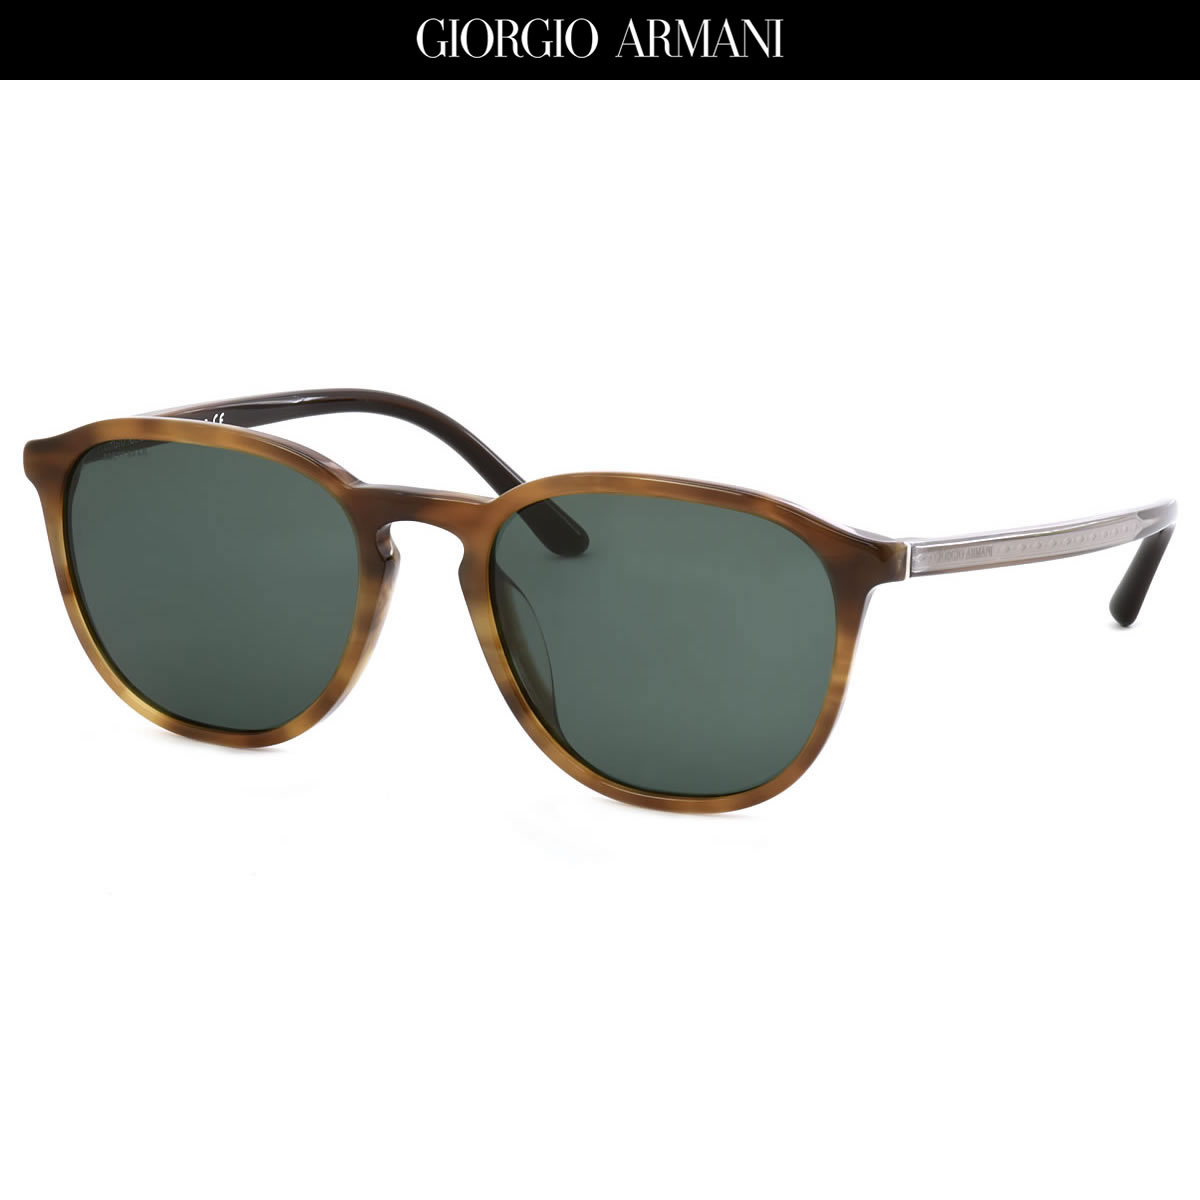 GIORGIO ARMANI ジョルジオアルマーニ サングラスAR8104F 561771 53サイズFRAMES OF LIFE フレームズ オブ ライフ トレンド レトロジョルジオアルマーニ GIORGIOARMANI メンズ レディース